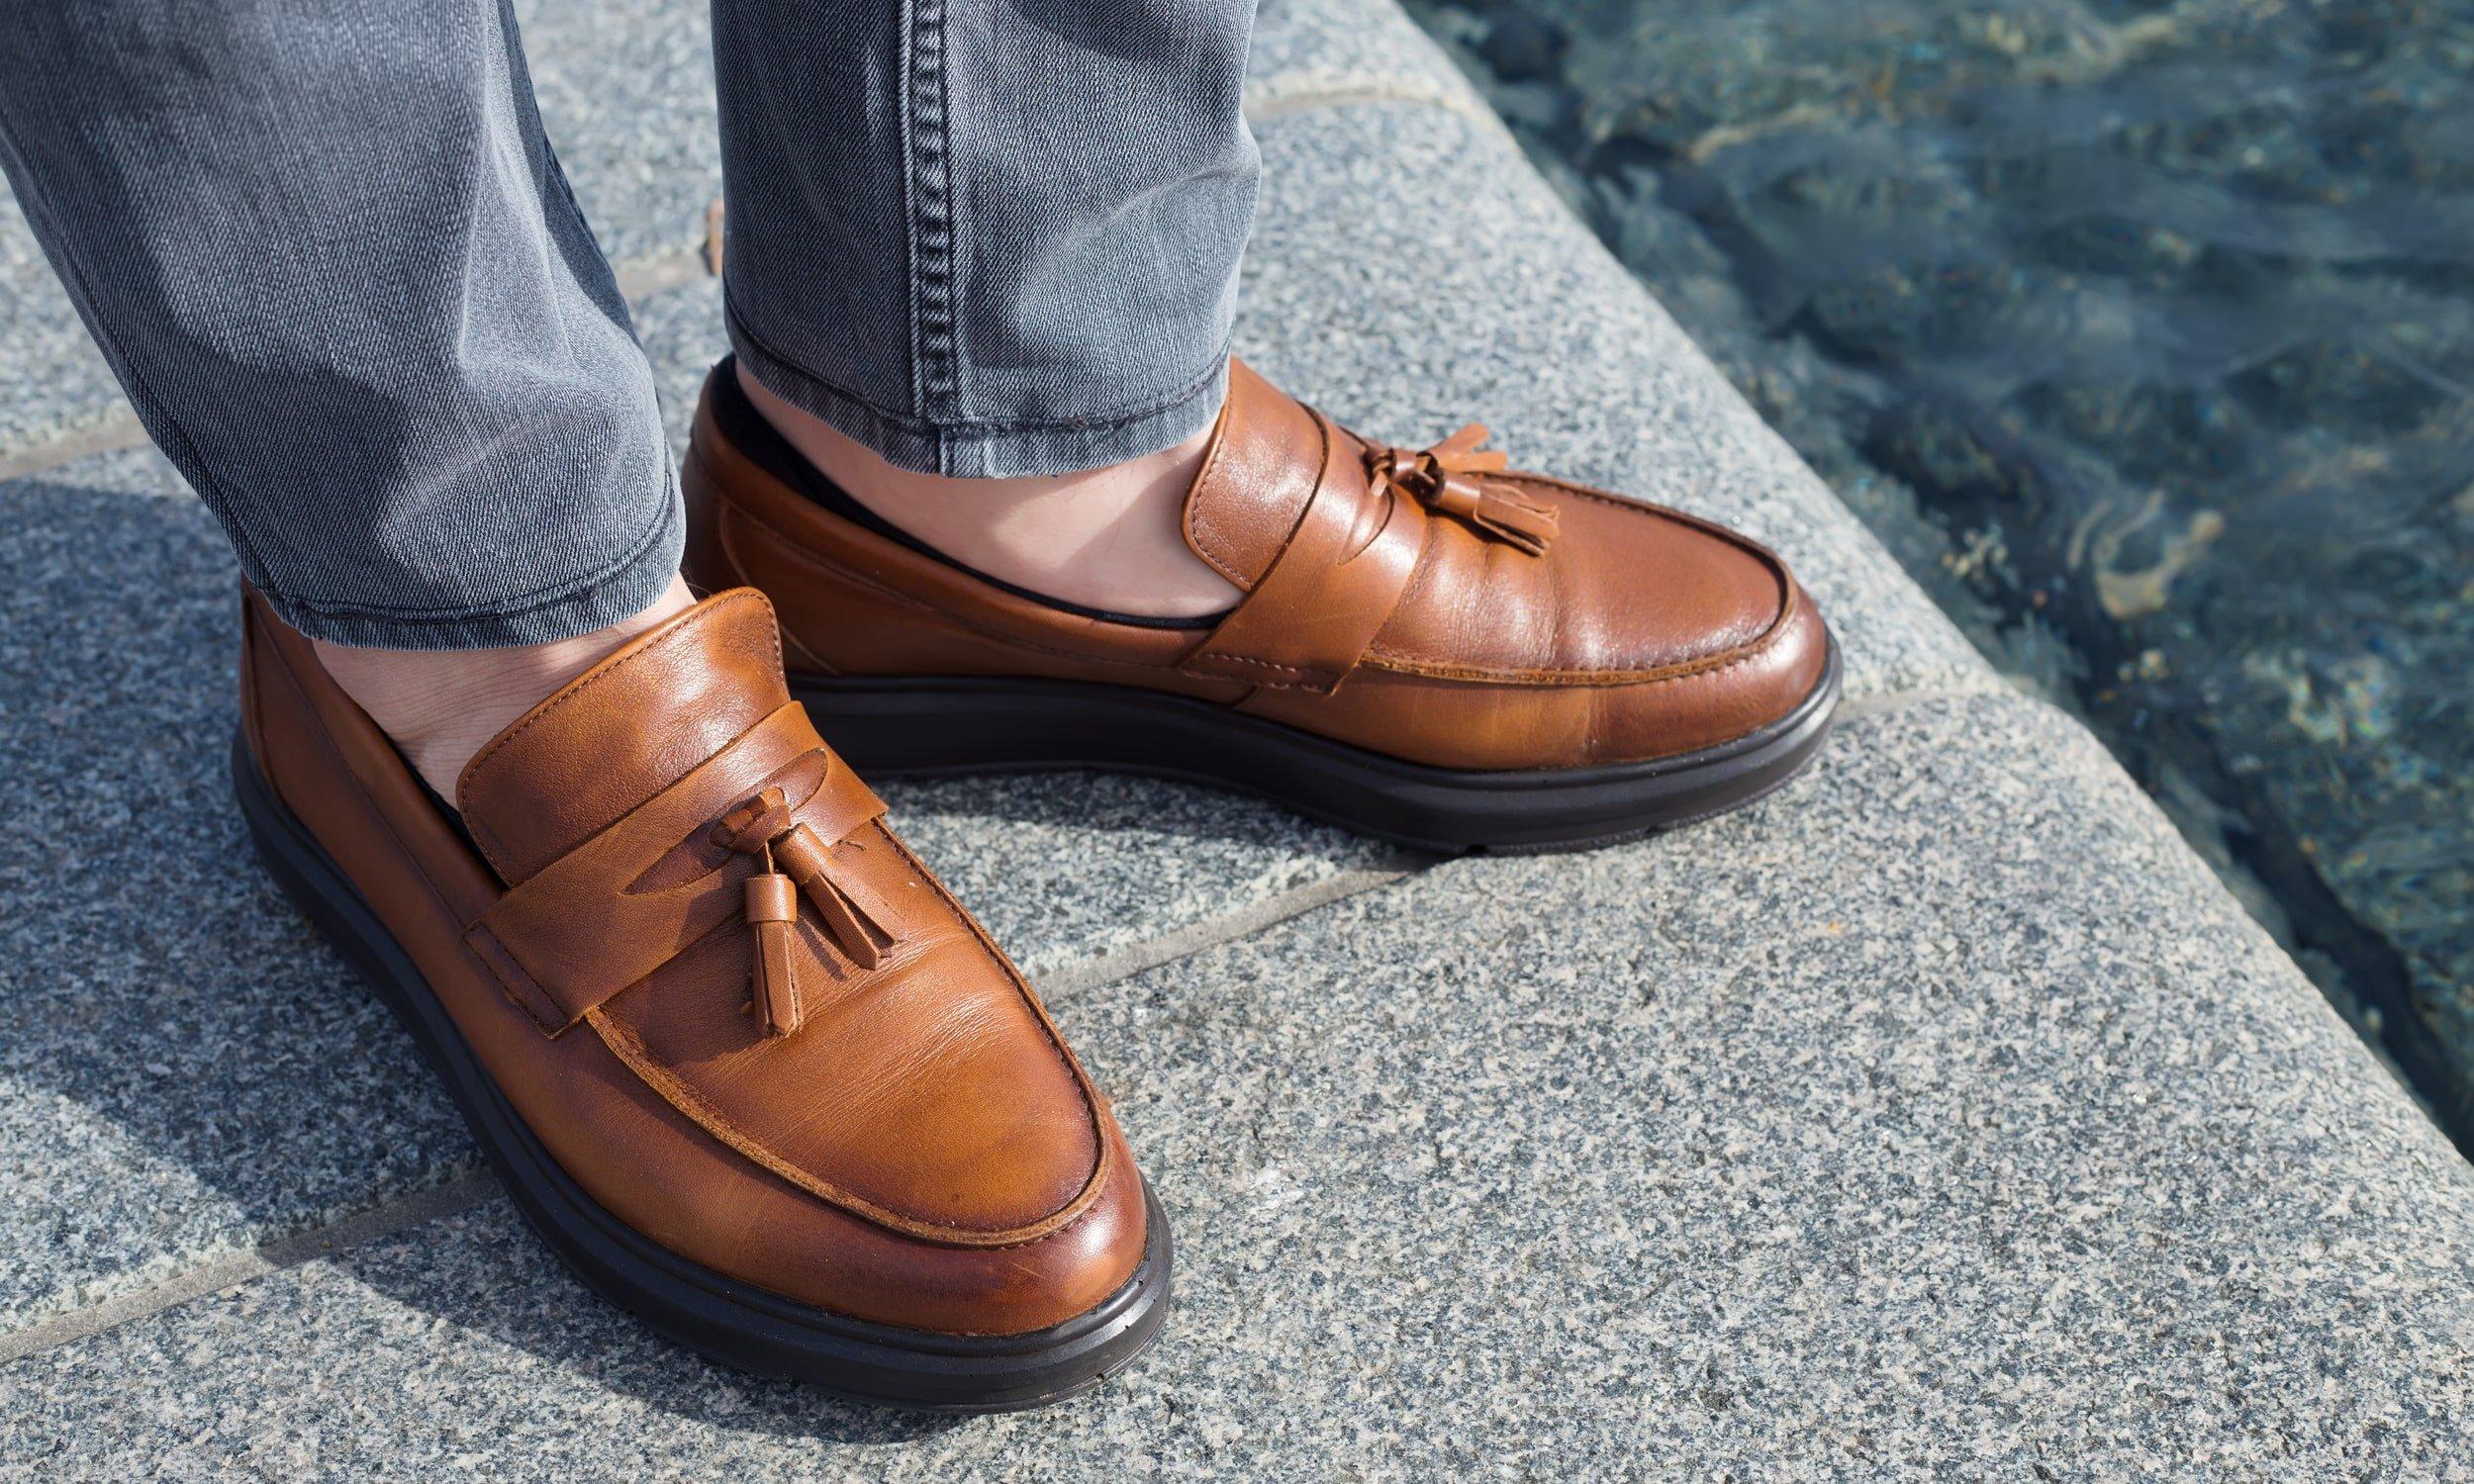 vyriski batai loafers kasdieniam nesiojimui